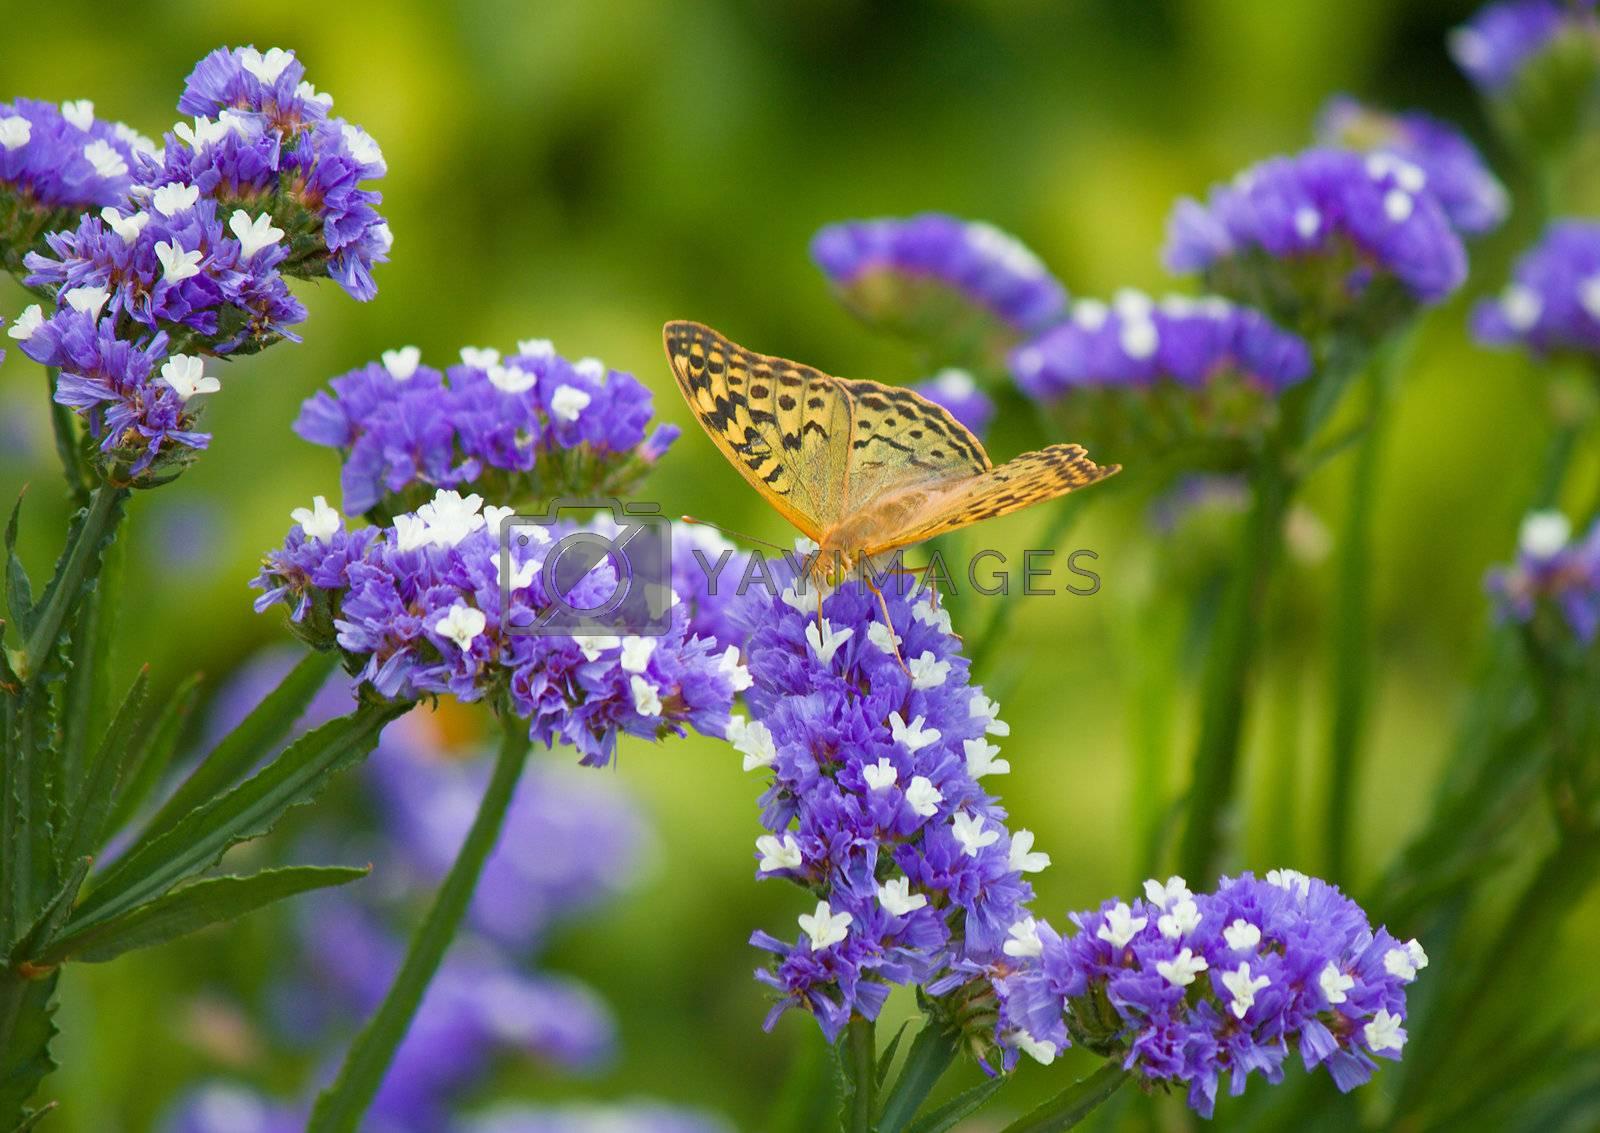 butterfly on flower by Alekcey